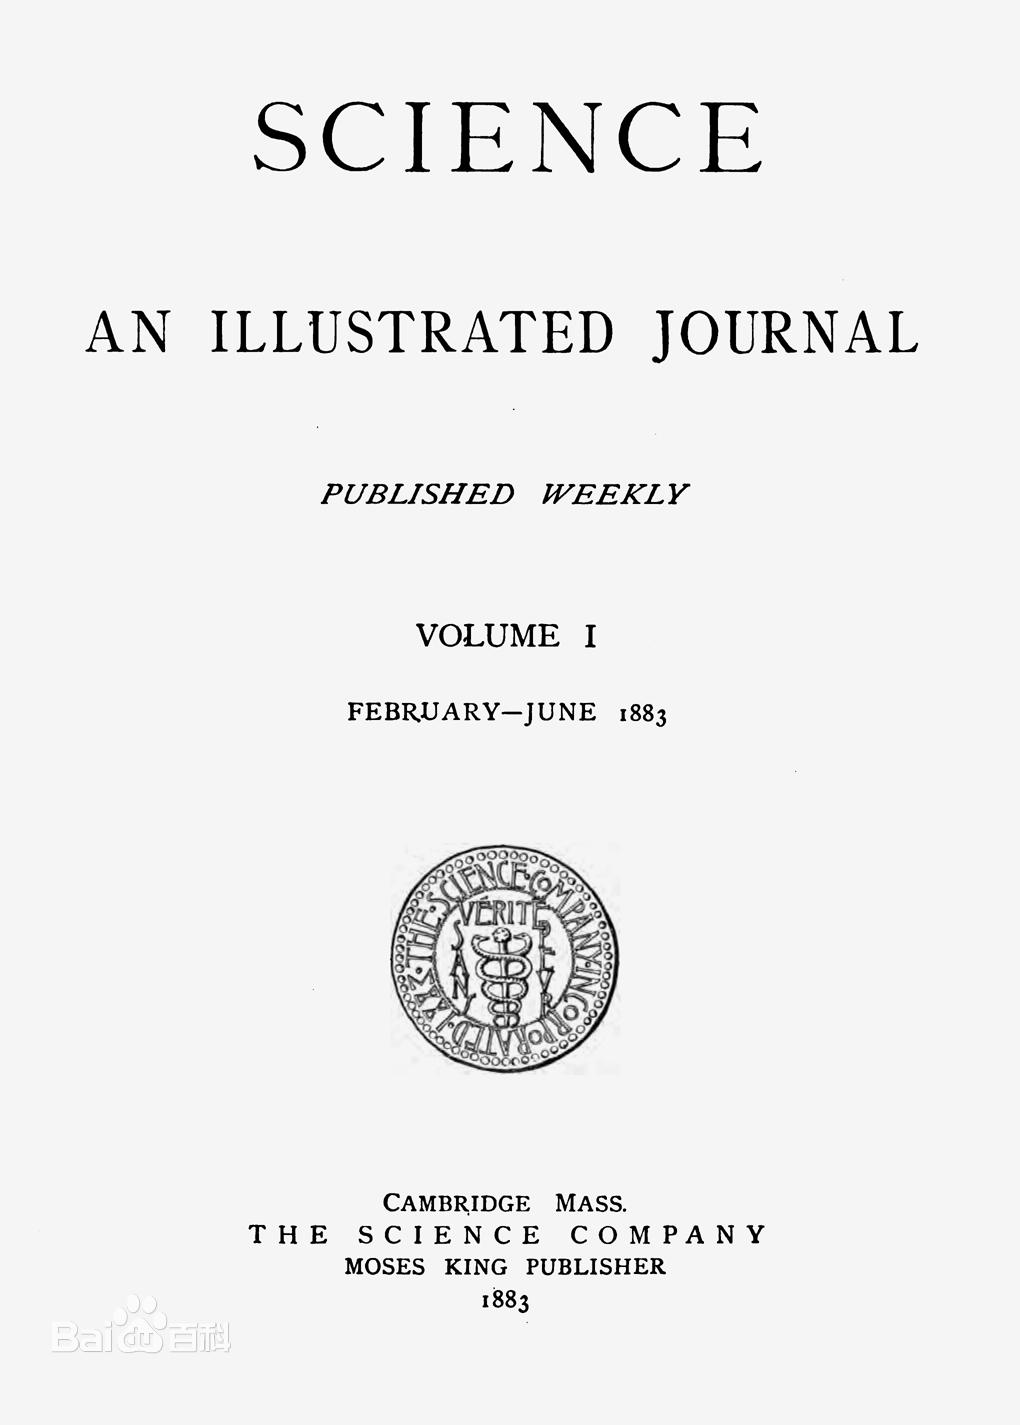 美国科学杂志